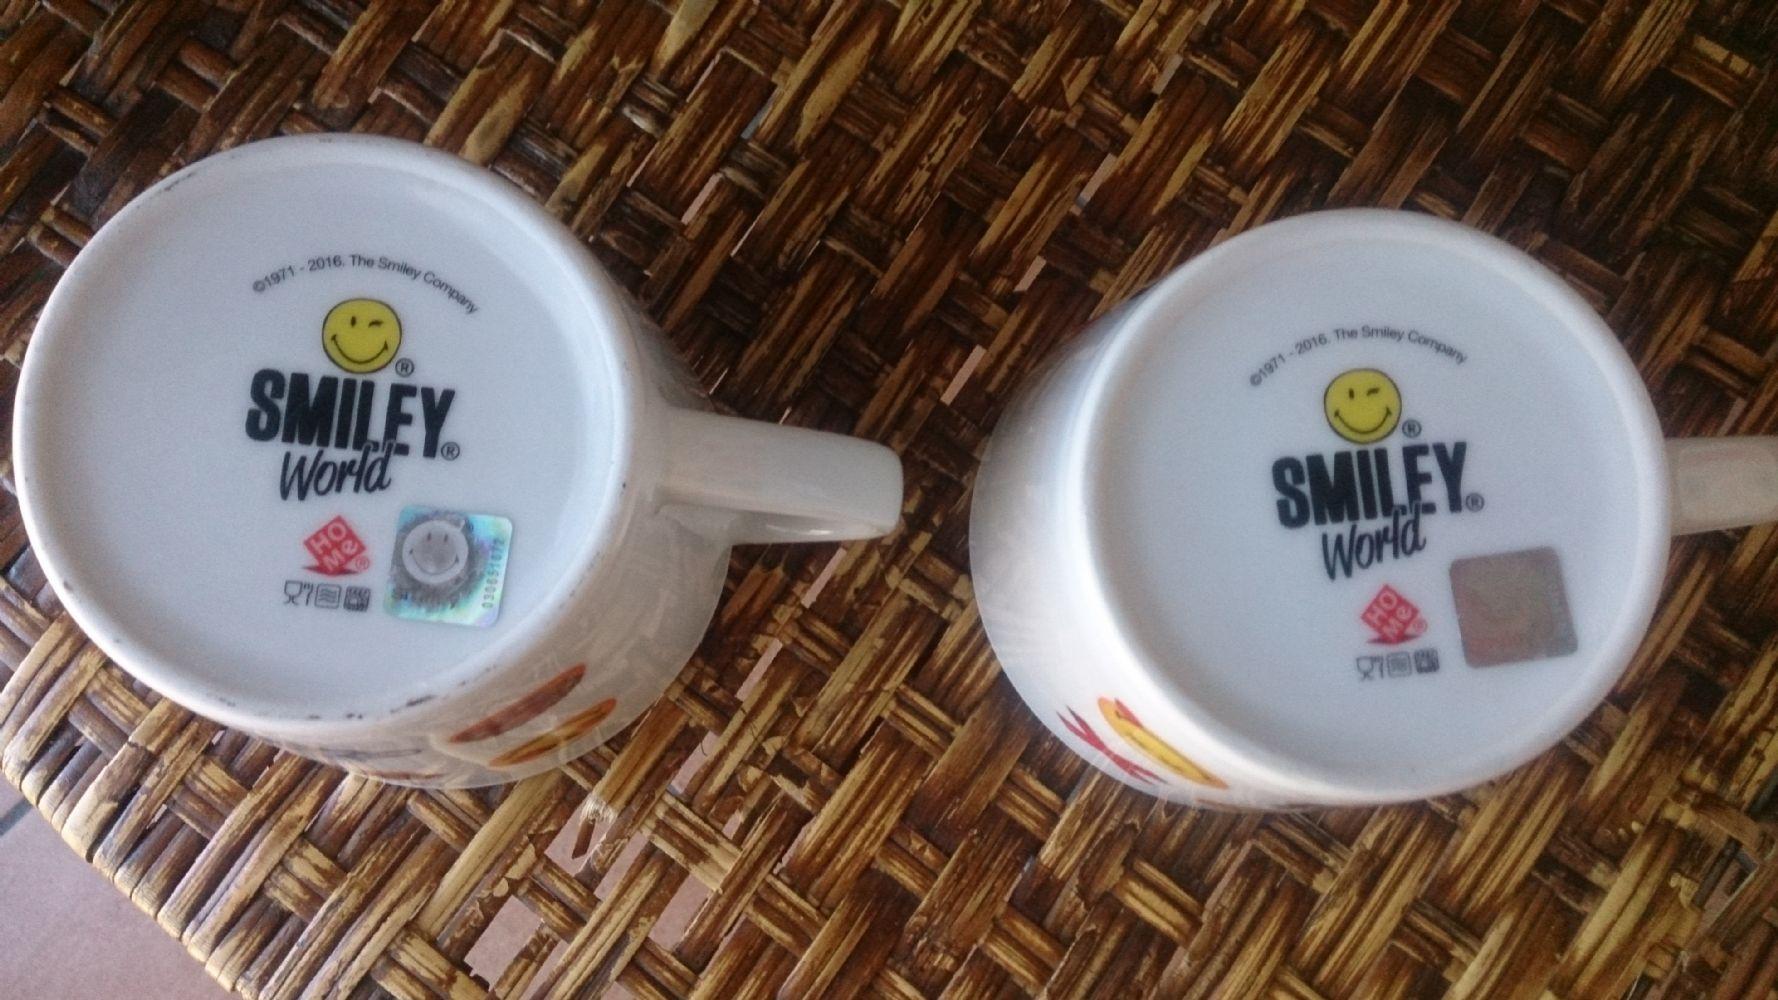 Credenza Con Tazze : Baratto scambio coppia tazze smile cibo bere a charvensod ao